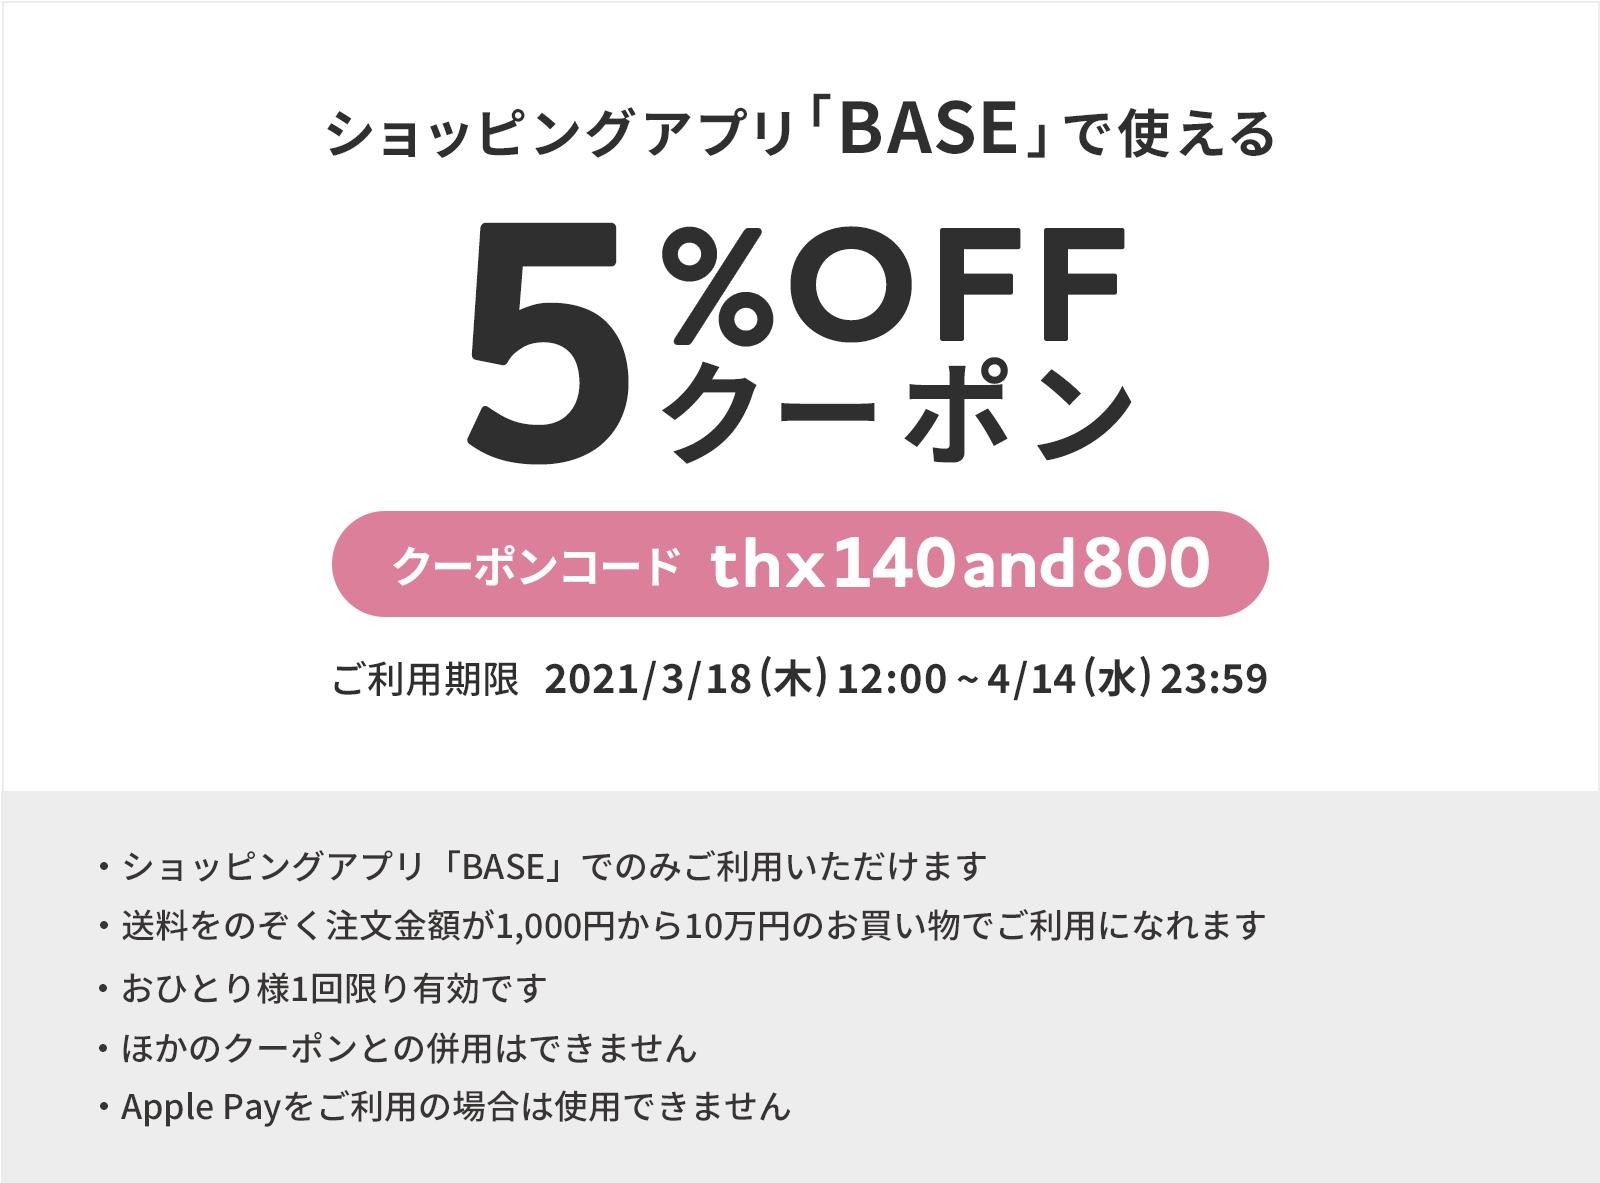 【3/18~4/14 期間限定!】5%OFFクーポン配布中!